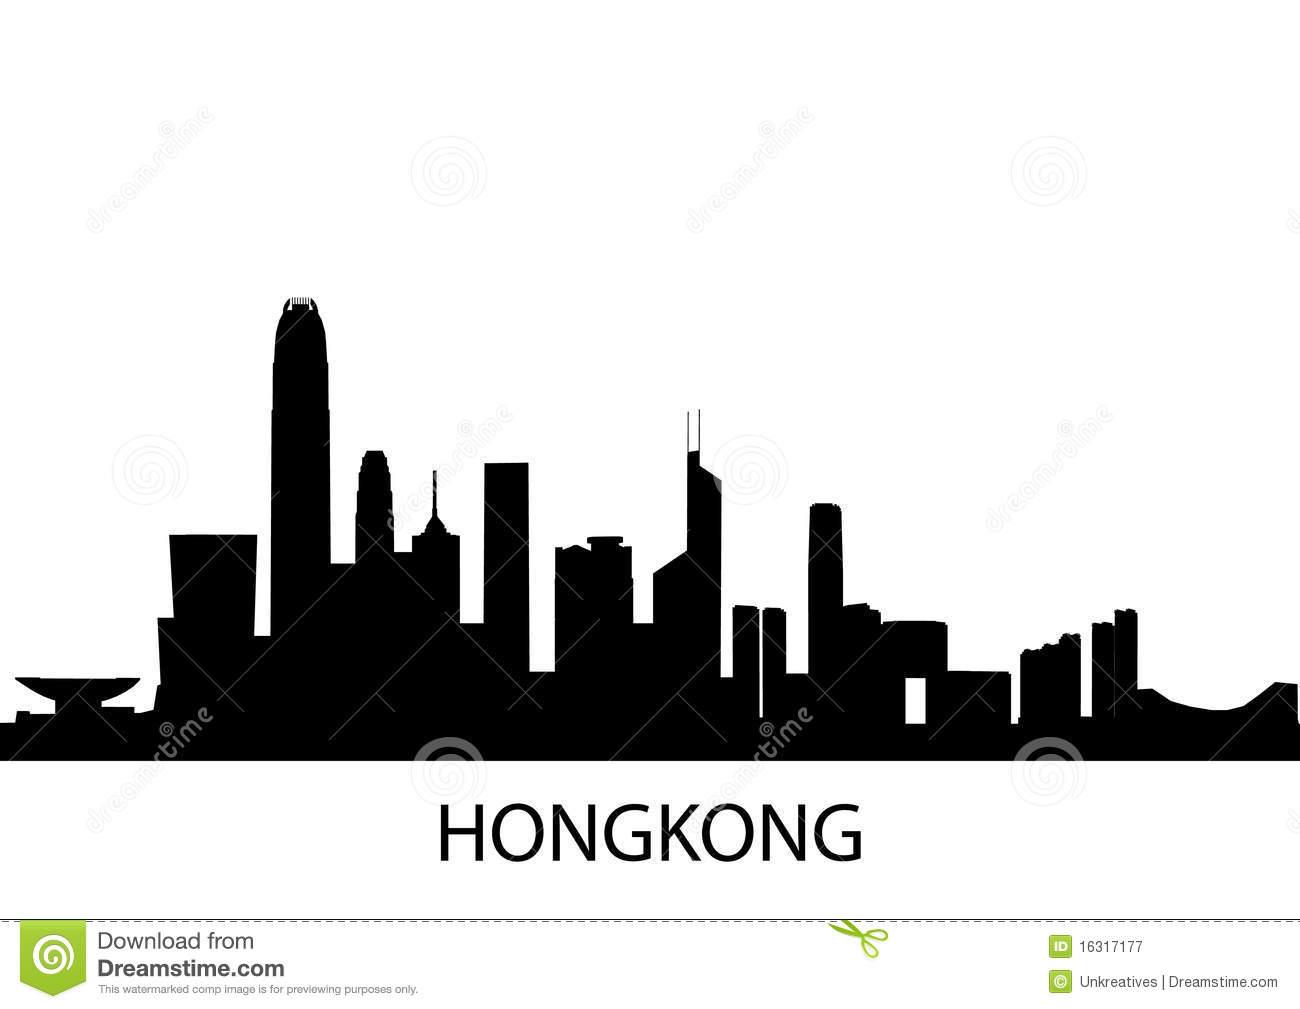 Hong Kong clipart Hong Hong Clipart Kong Skyline